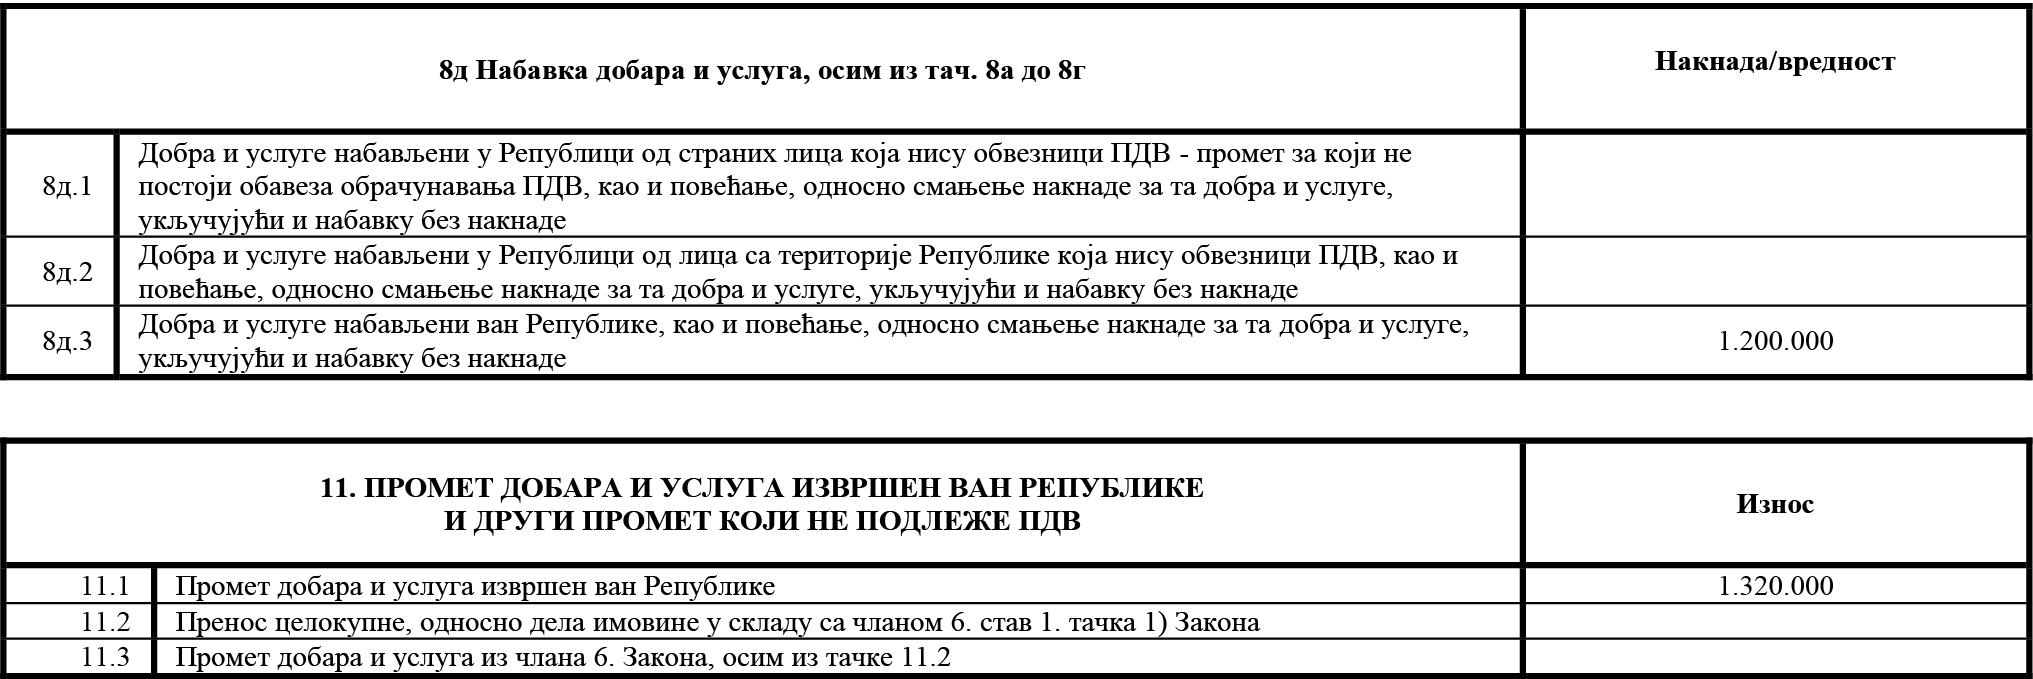 uputstvo PU obrazac POPDV primer 130